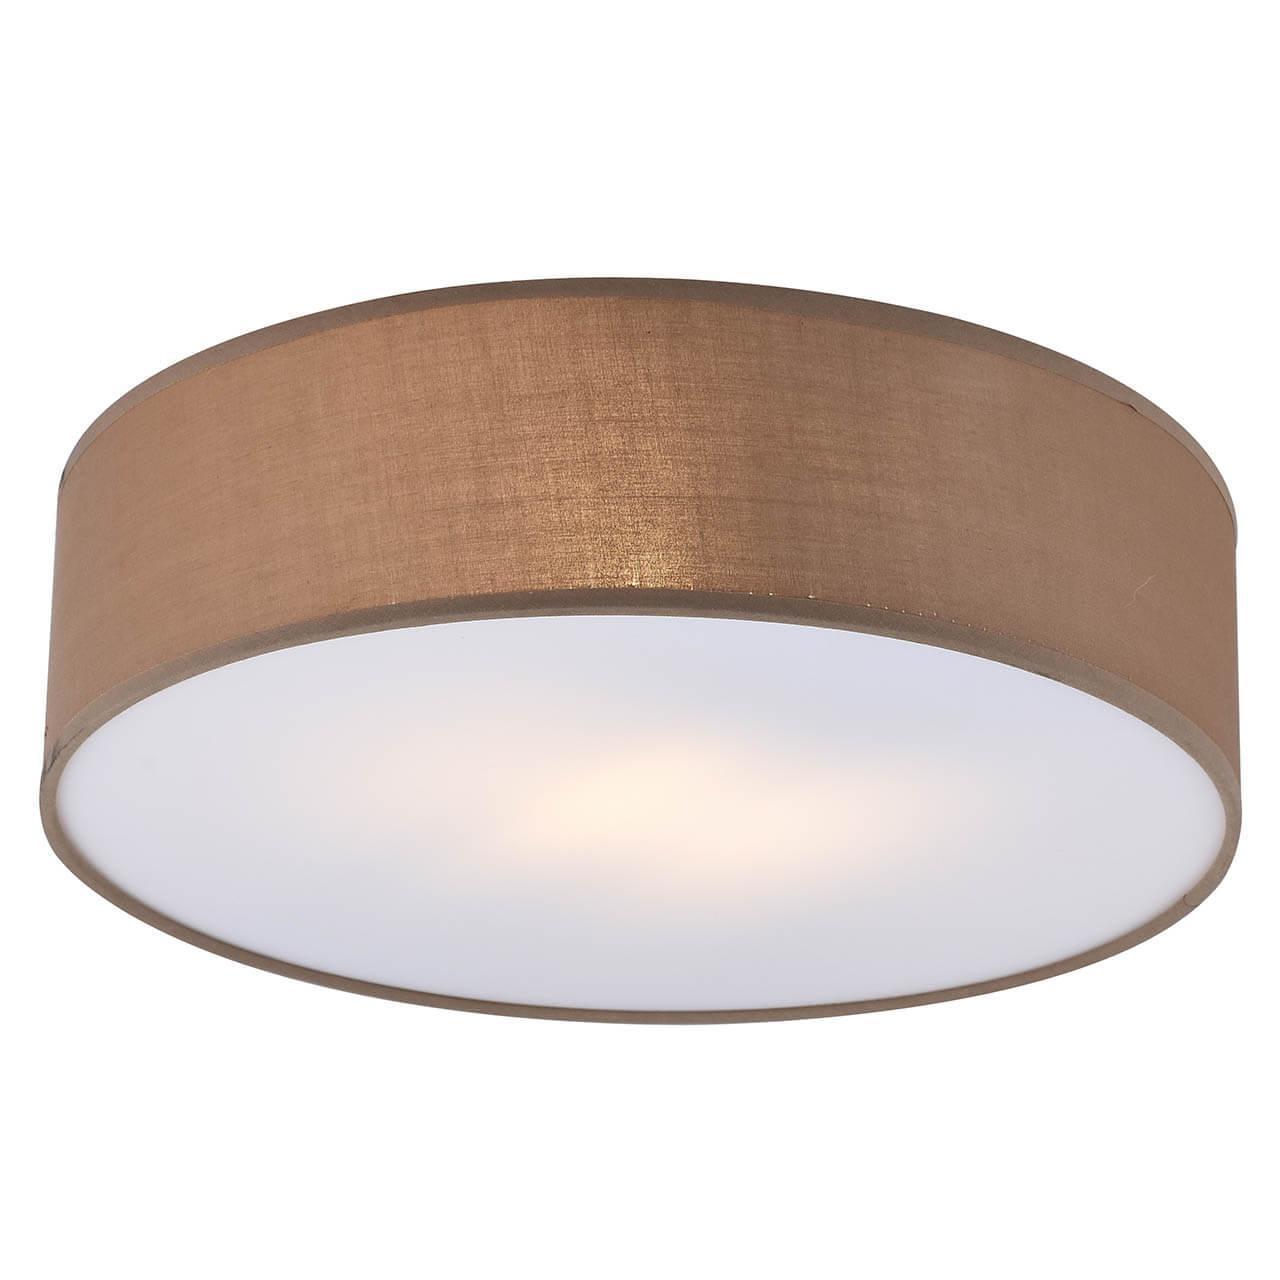 Потолочный светильник Hiper Toulouse H150-2